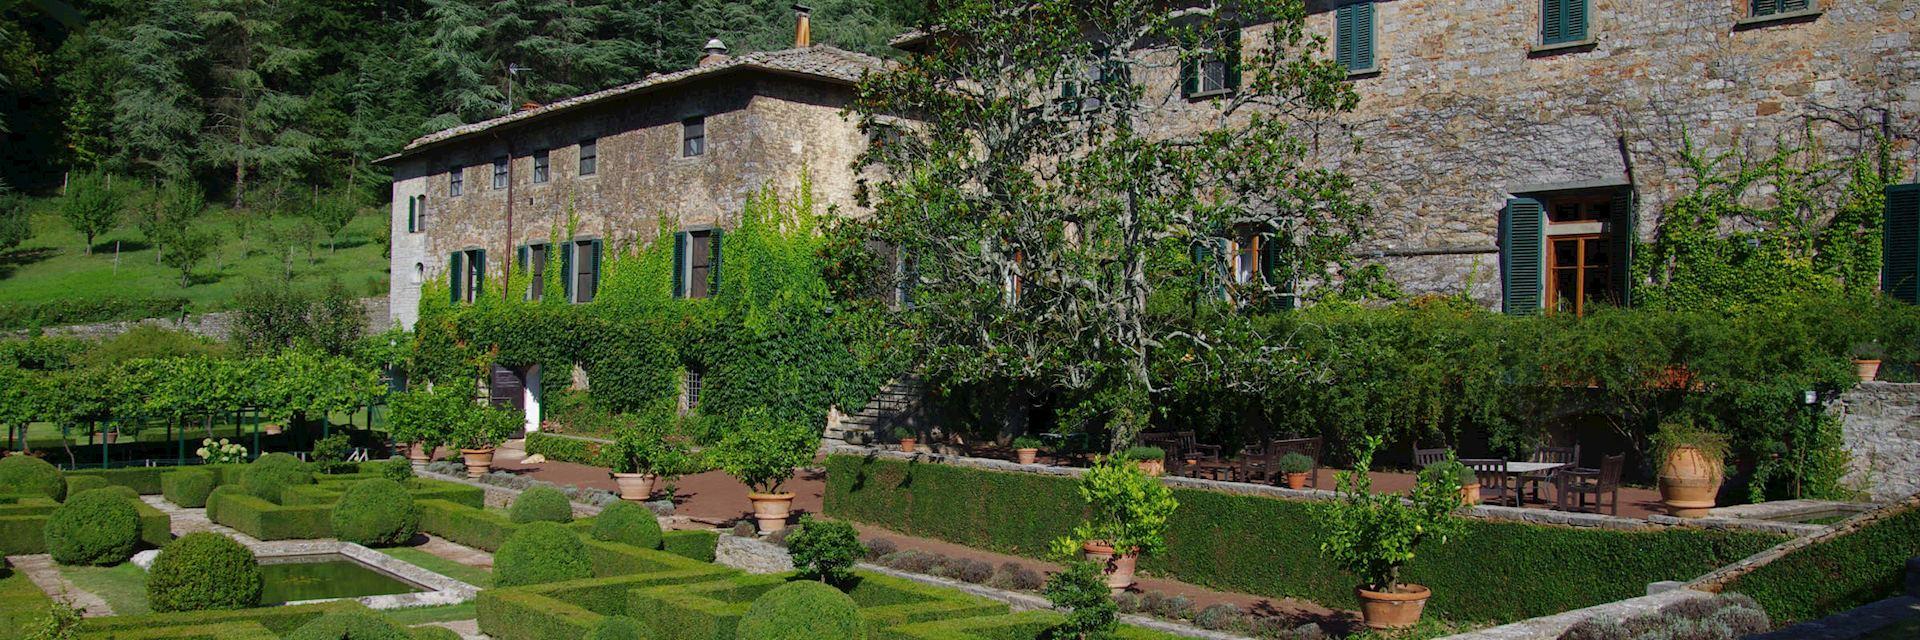 Badia di Coltibuono, Gaiole in Chianti